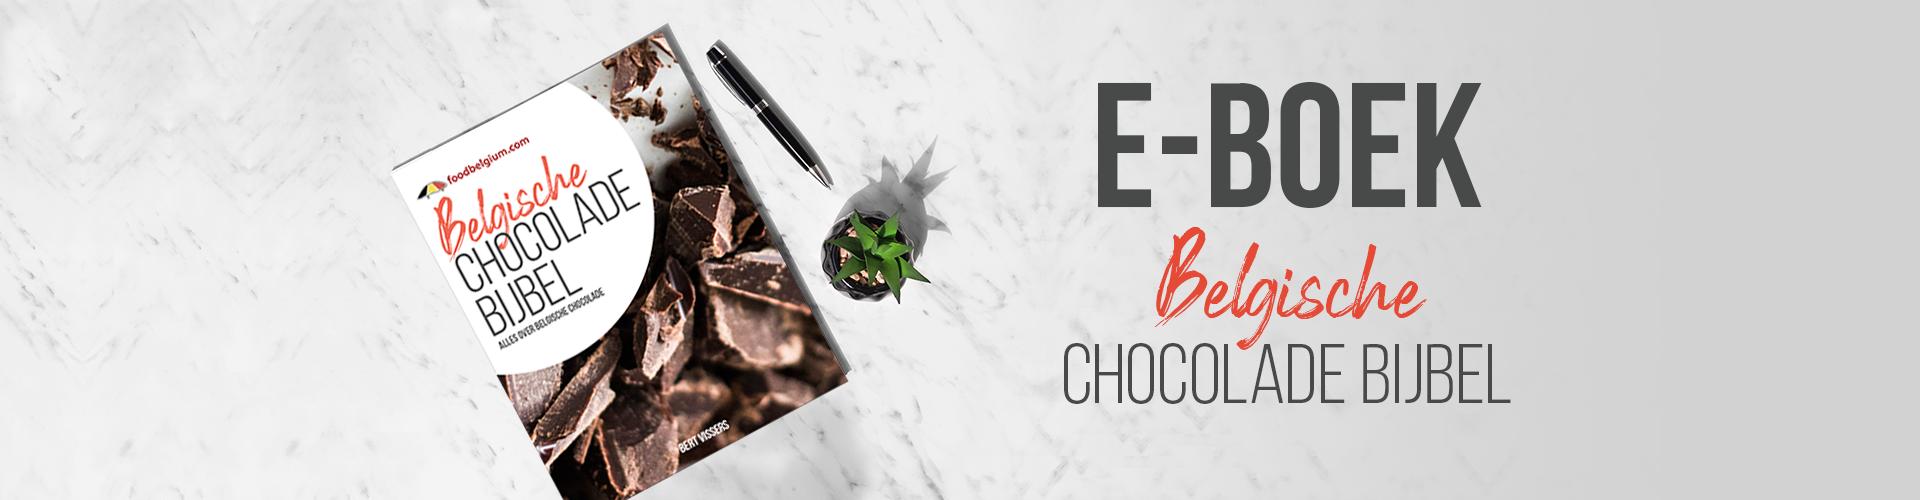 E-boek Belgische chocolade bijbel